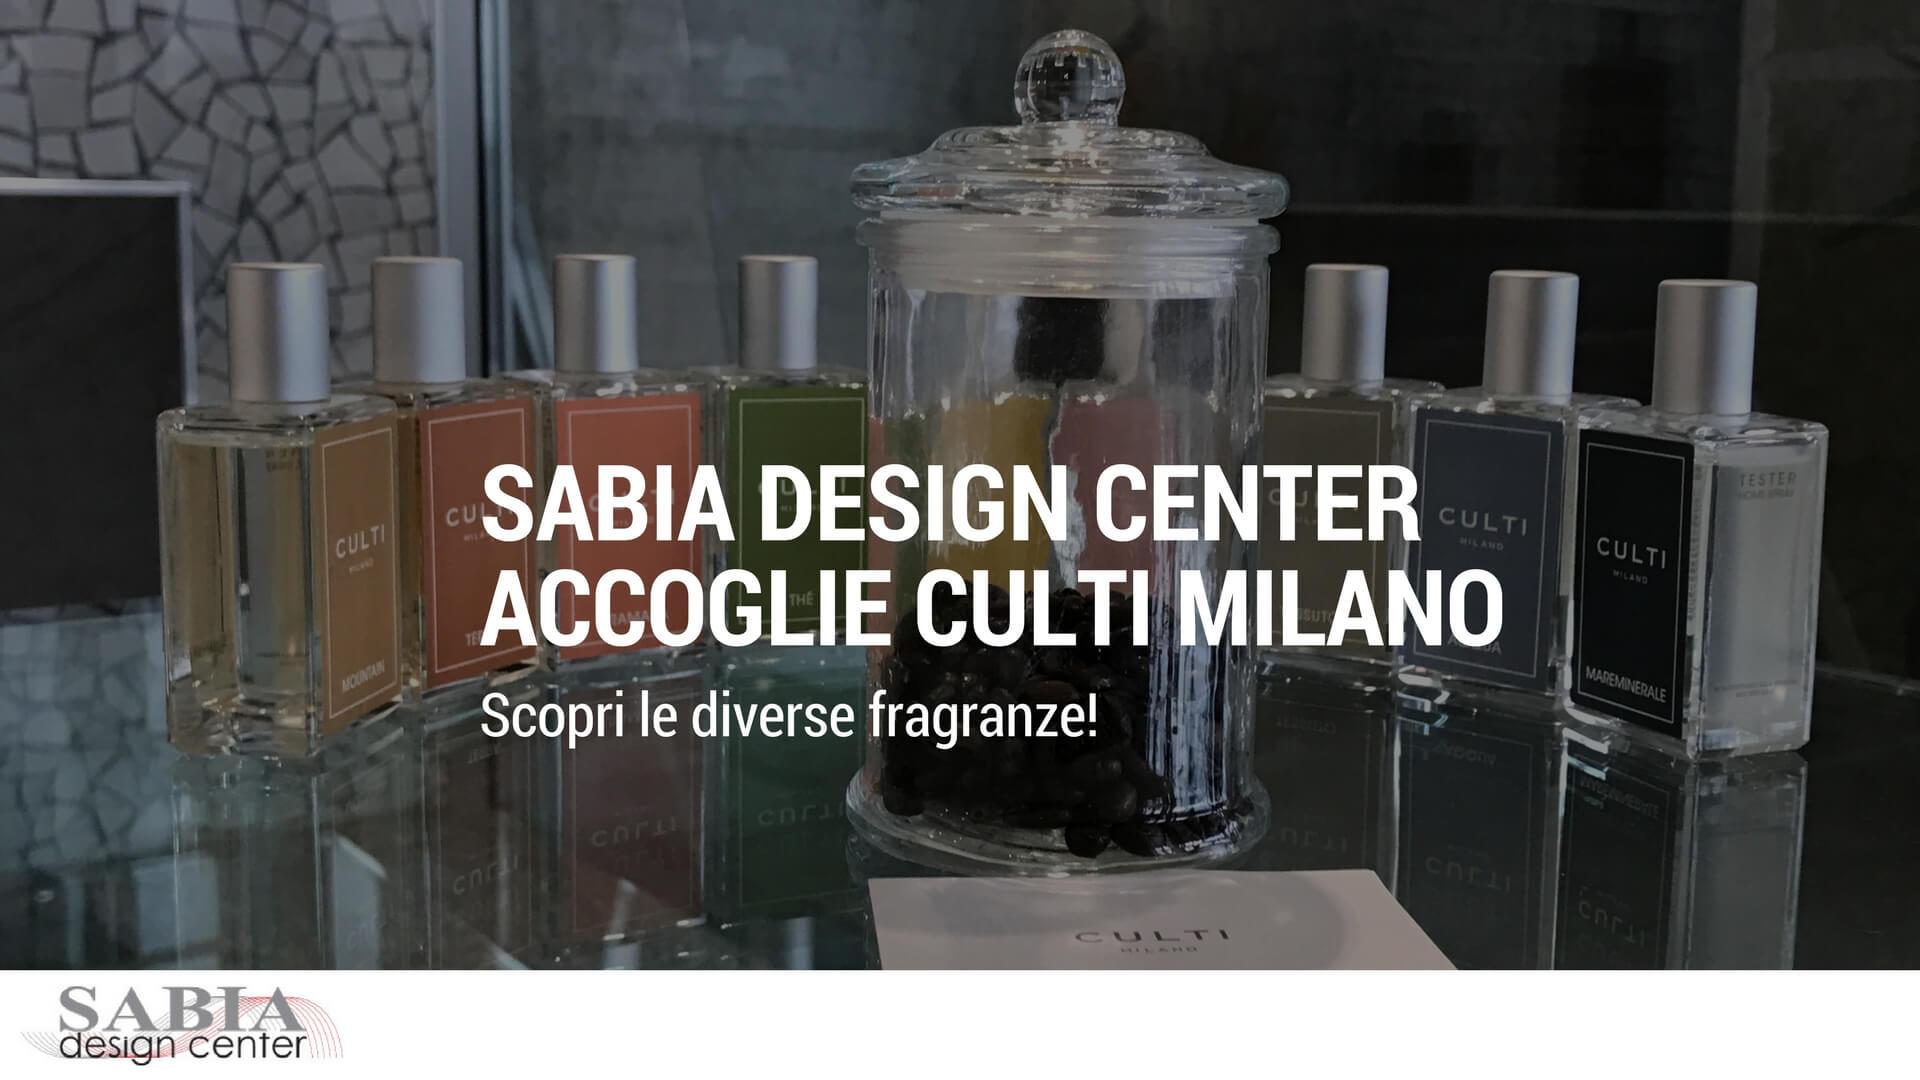 Sabia Design Center accoglie in show room un nuovo prodotto: CULTI Milano